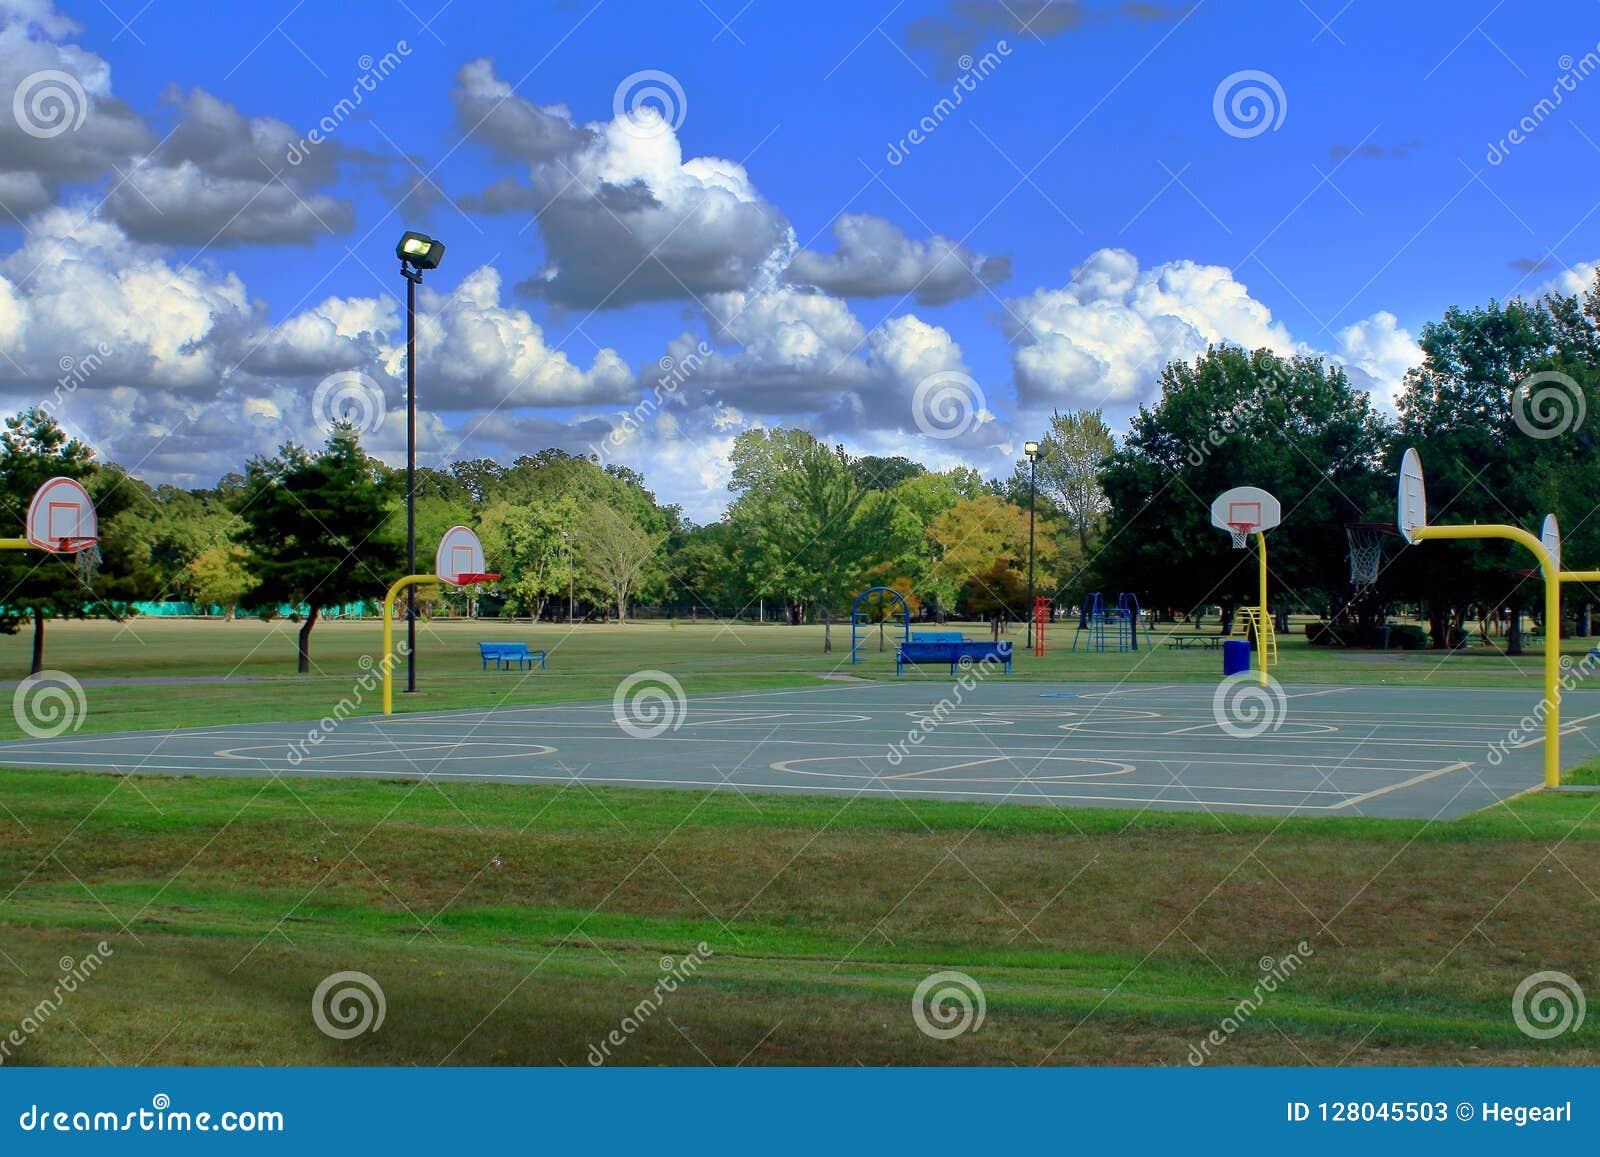 Equipamento colorido do campo de jogos em um parque público com os céus azuis profundos